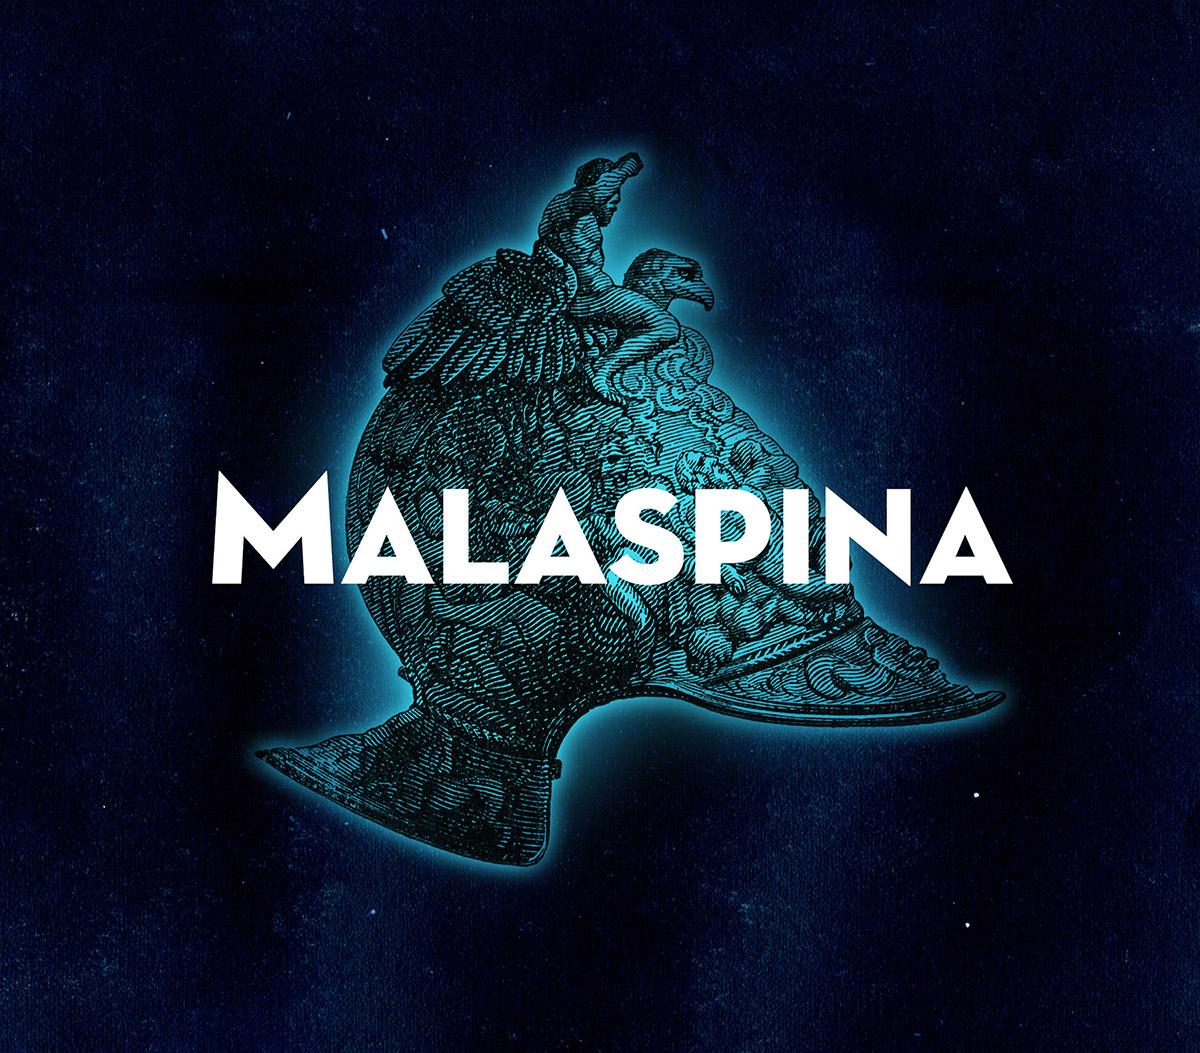 Malaspina Santander - Beusual